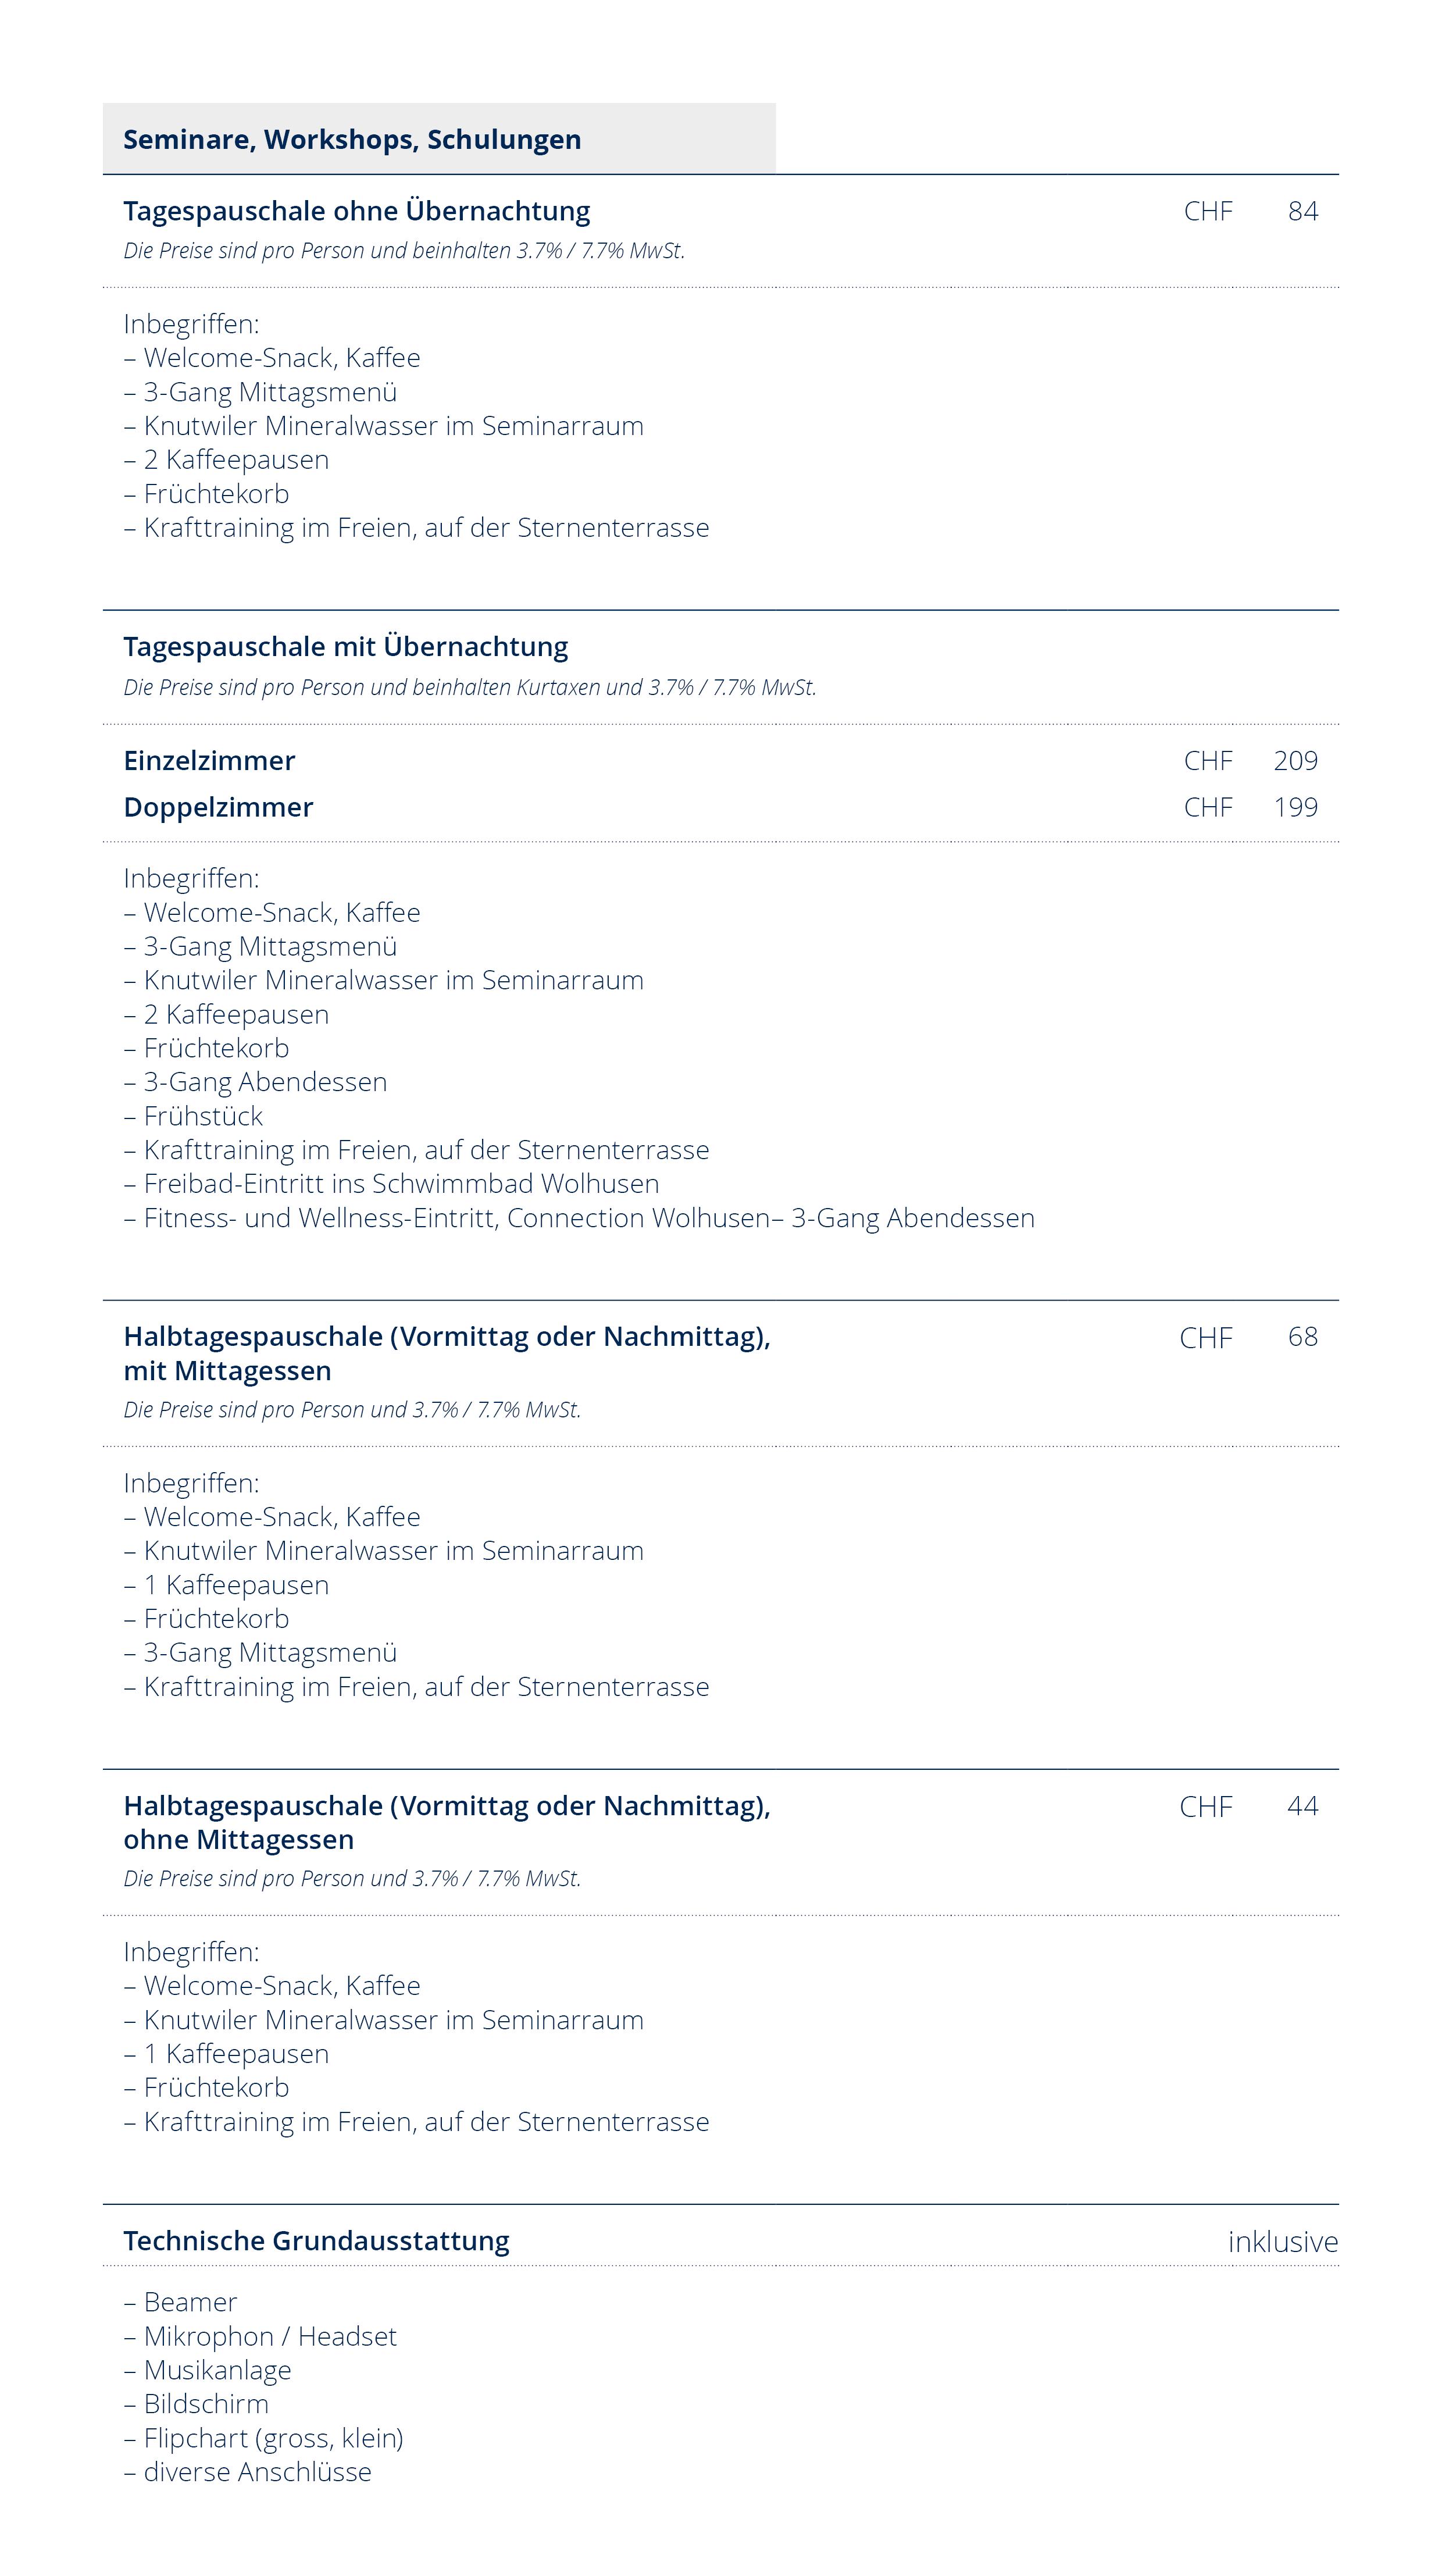 connection_wolhusen_website_preislisten_210517_weitsicht_seminare